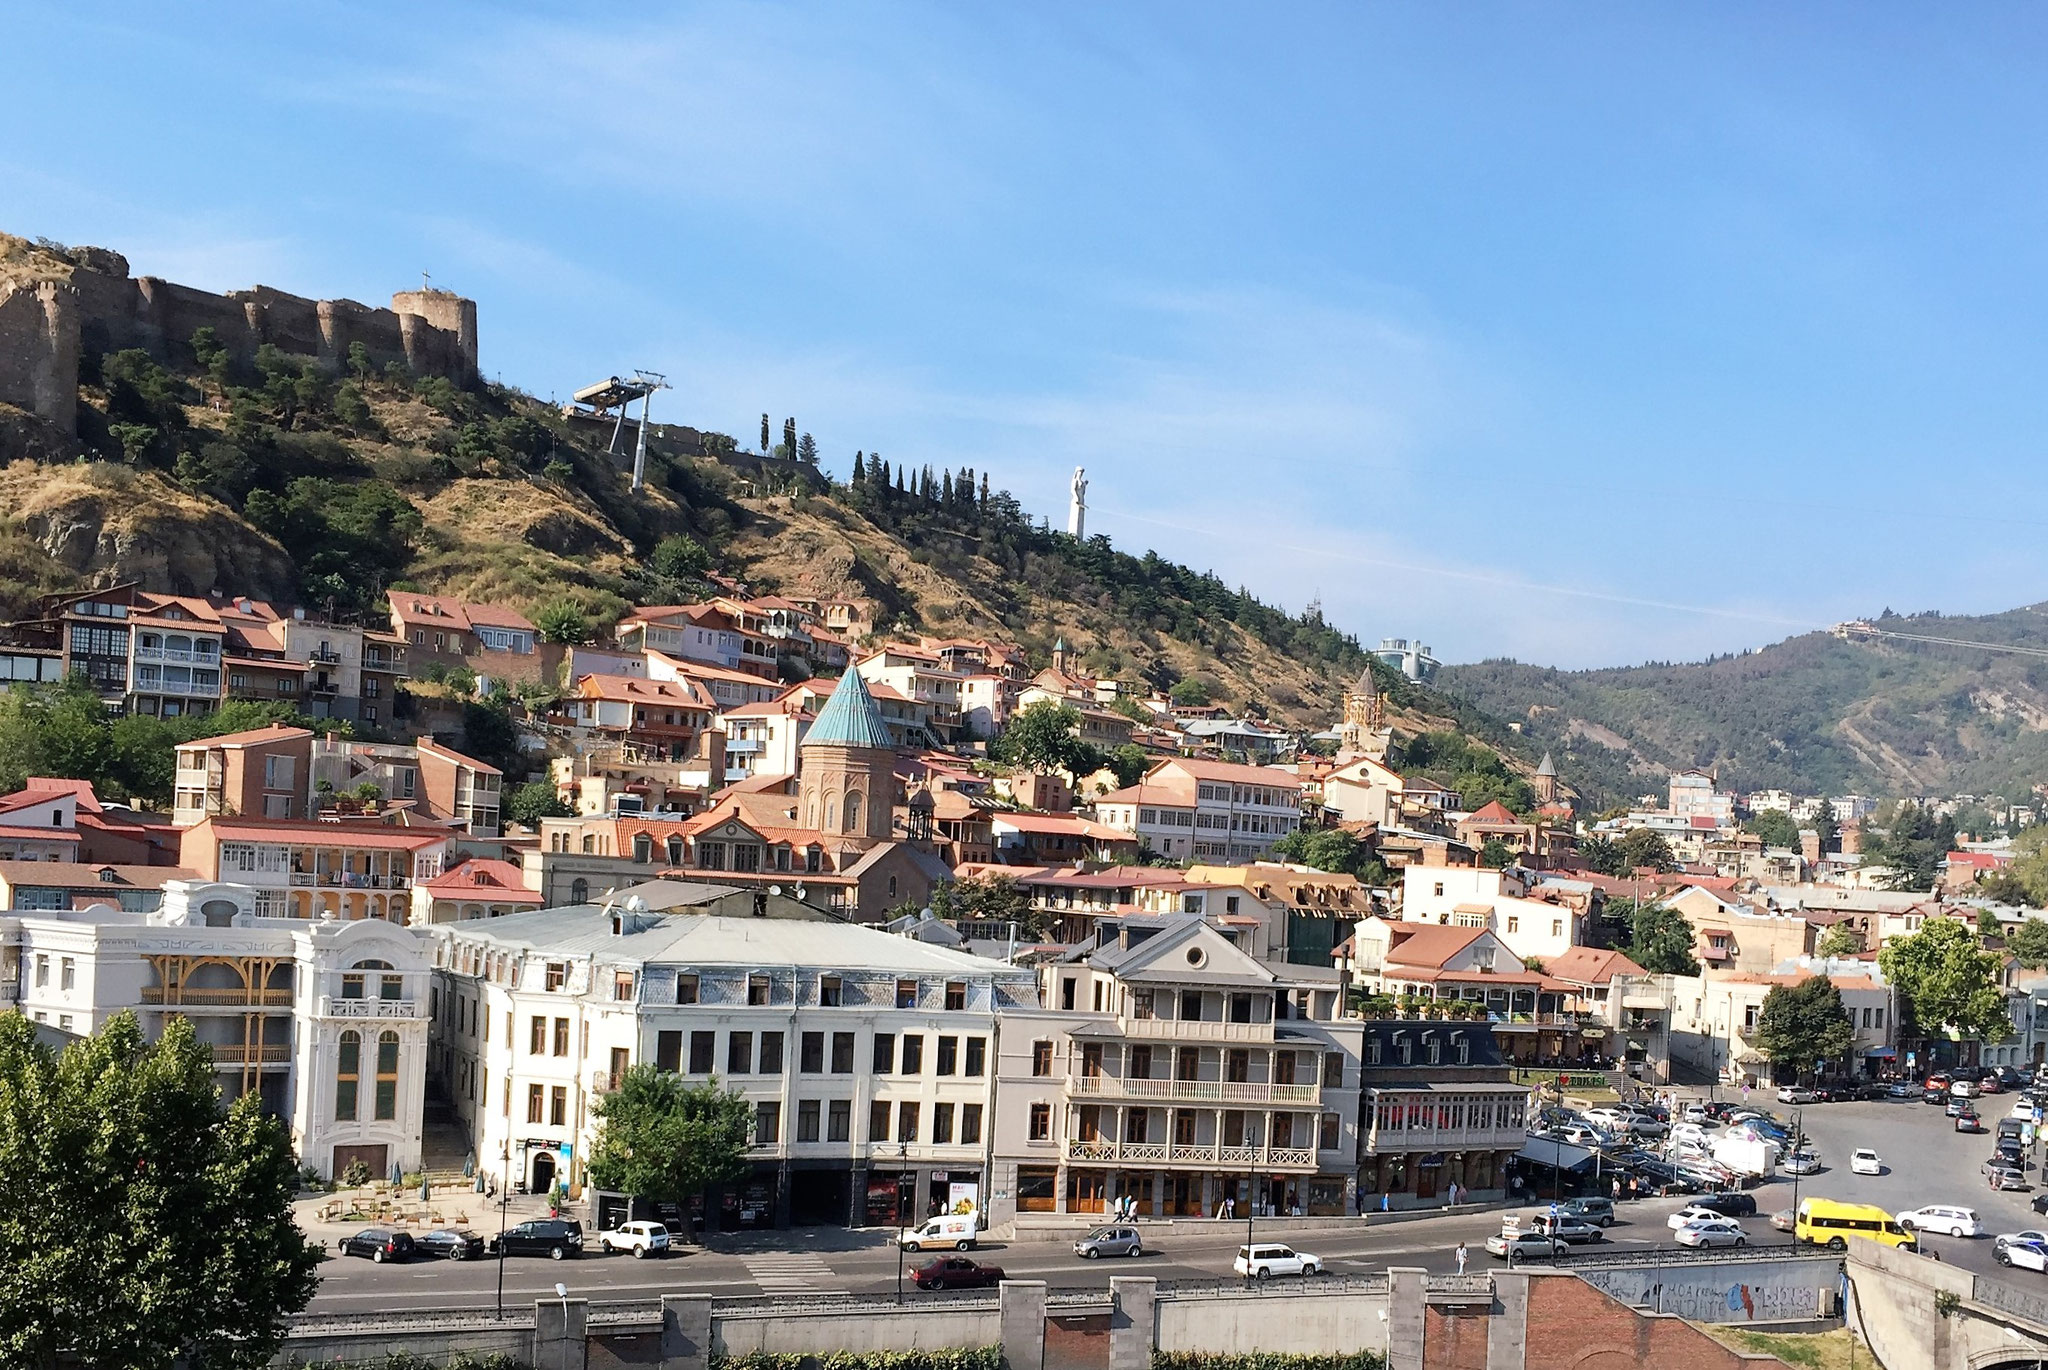 Blick auf die Altsadt von Tiflis / Tbilissi